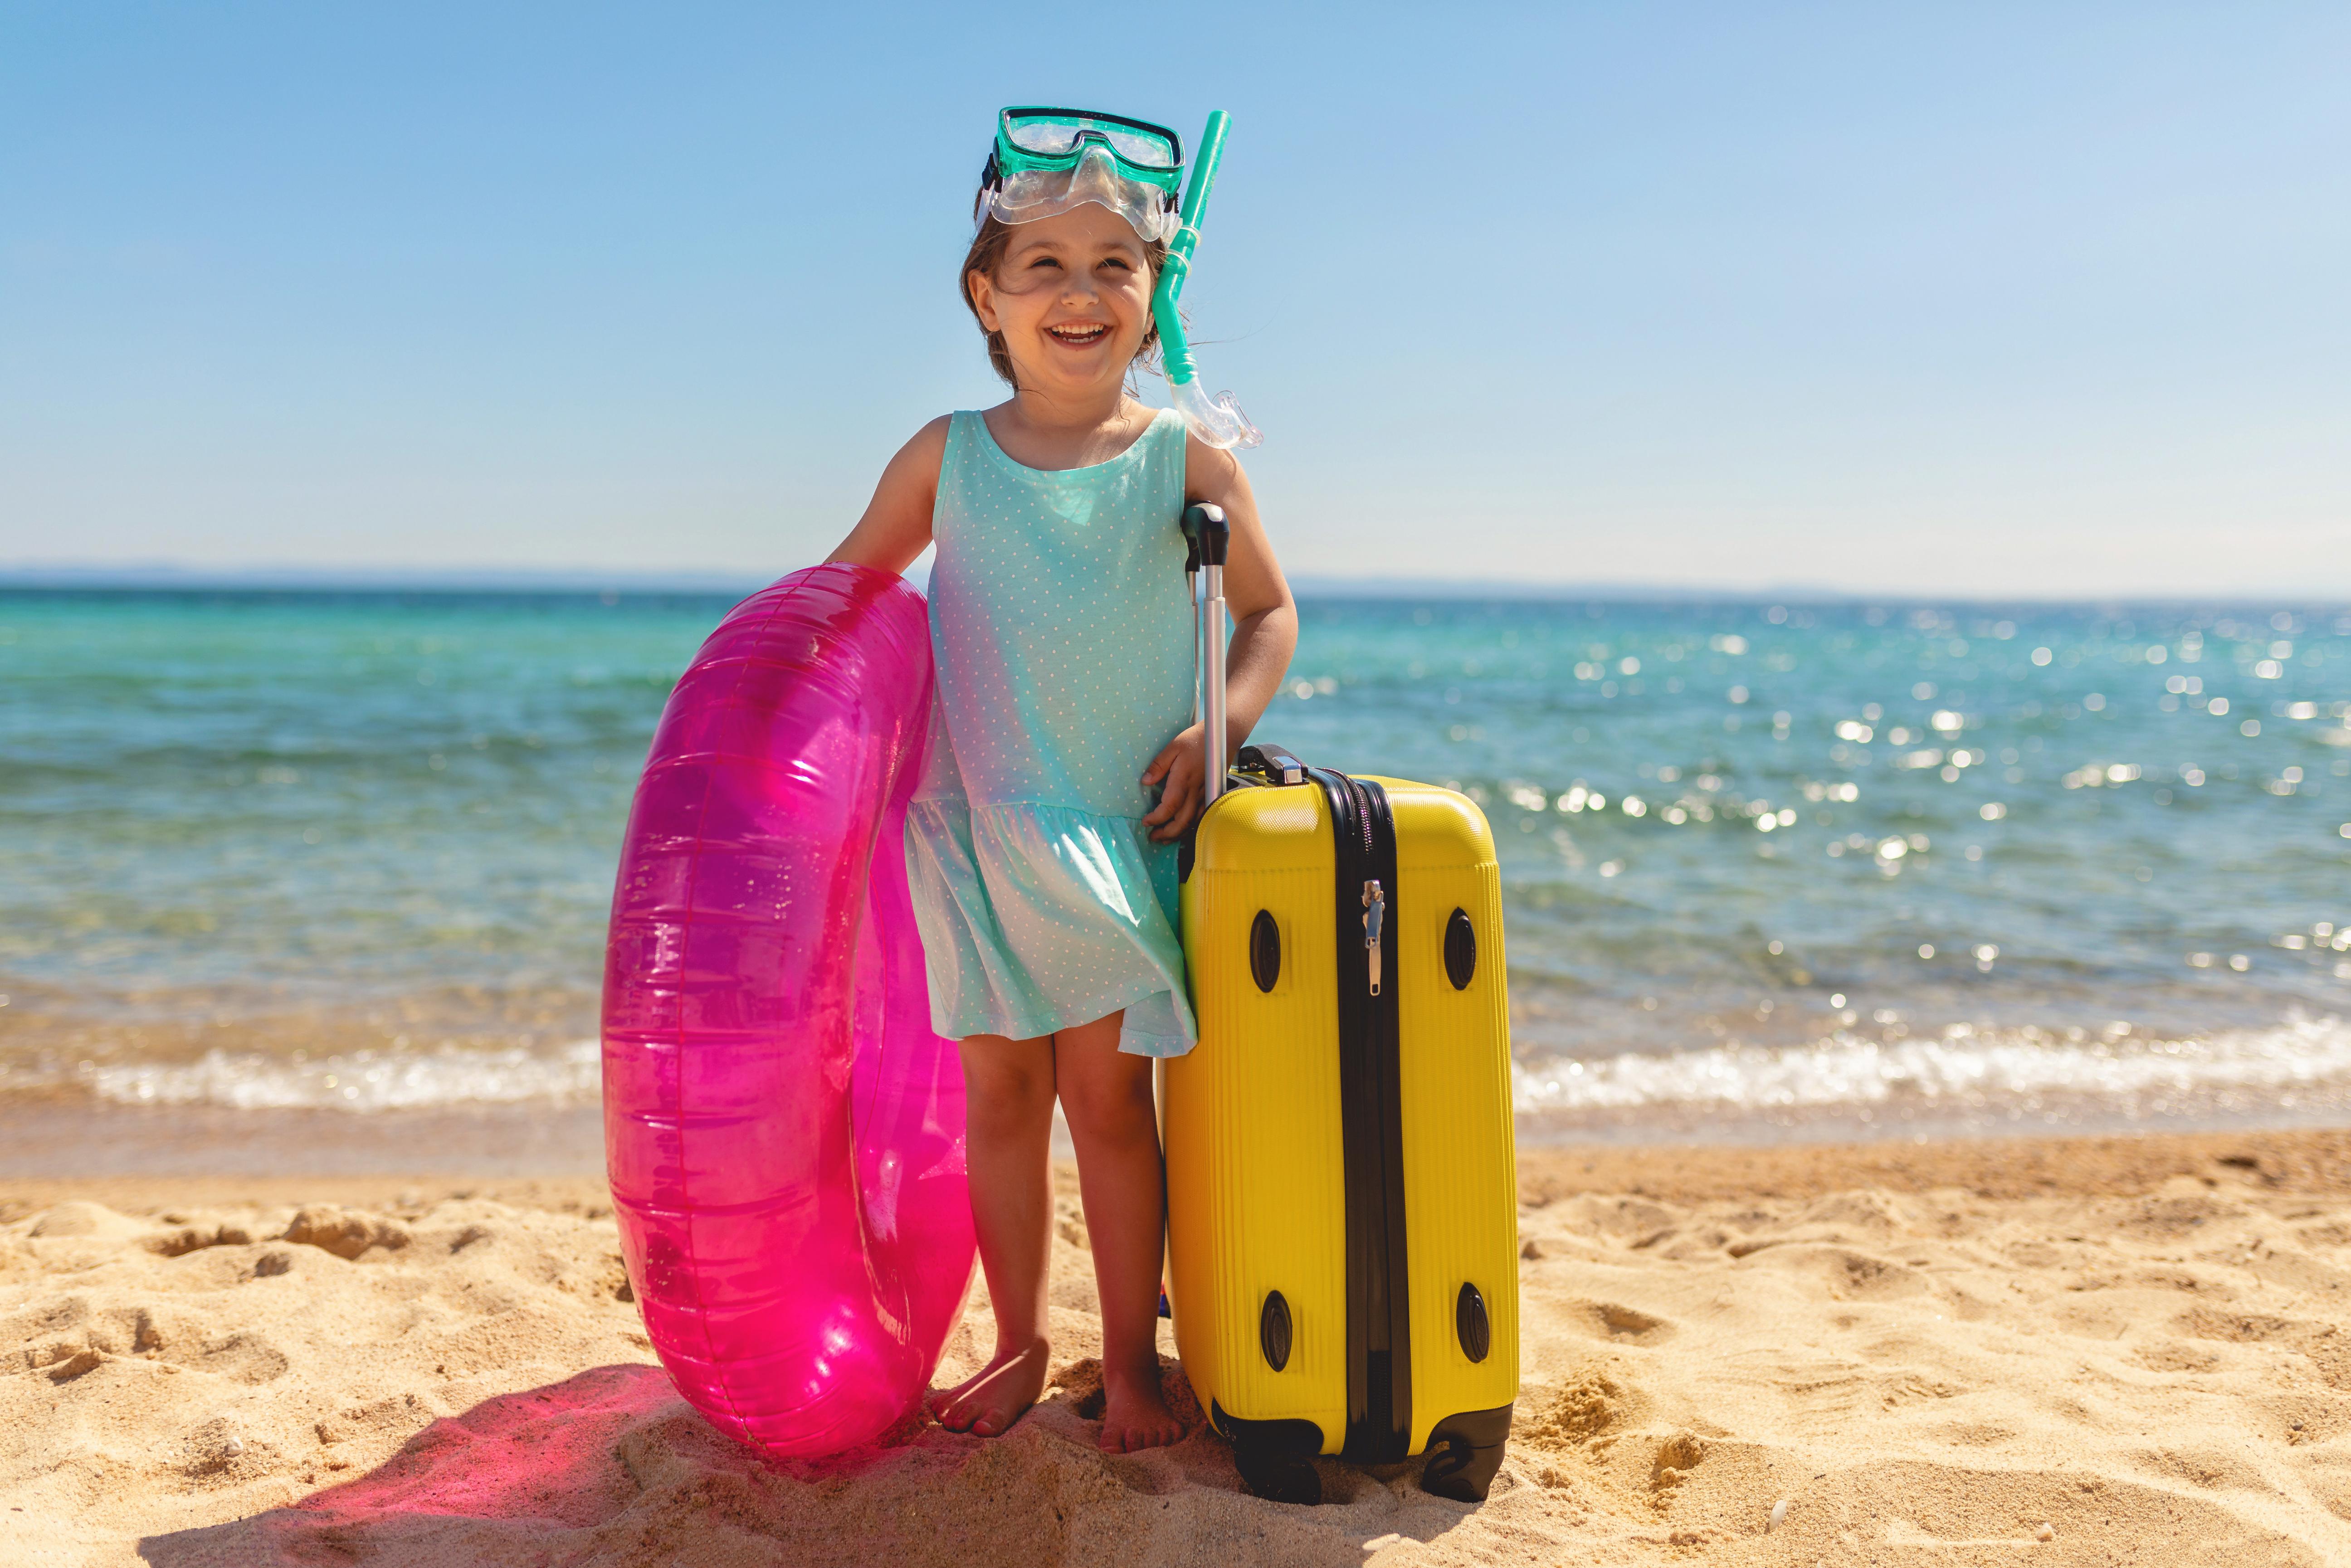 GRAWE BLOG - Kada se spremate za odmor i putovanje, sigurno ne razmišljate o bilo čemu lošem što bi vas moglo zadesiti. Međutim, nezgode na putovanju uobičajene su kao i sva divna iskustva s kojima se s putovanja vraćate